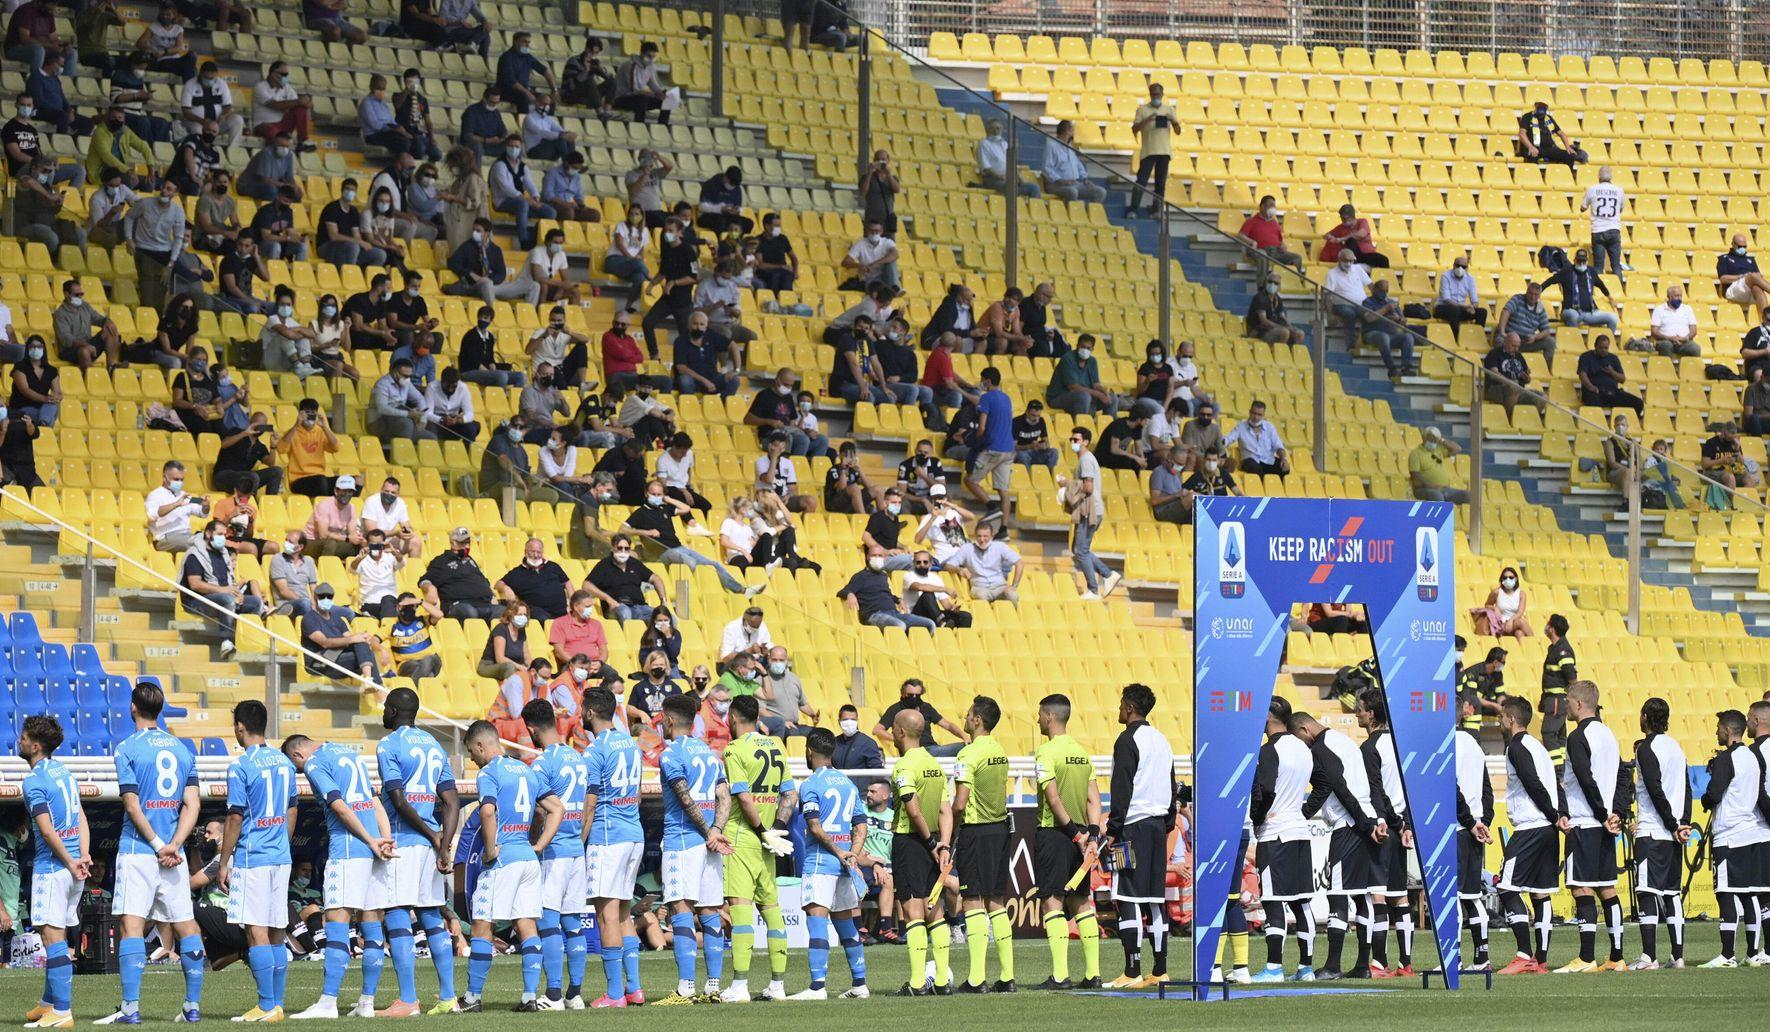 Italy_soccer_serie_a_18721_c0-167-3998-2498_s1770x1032